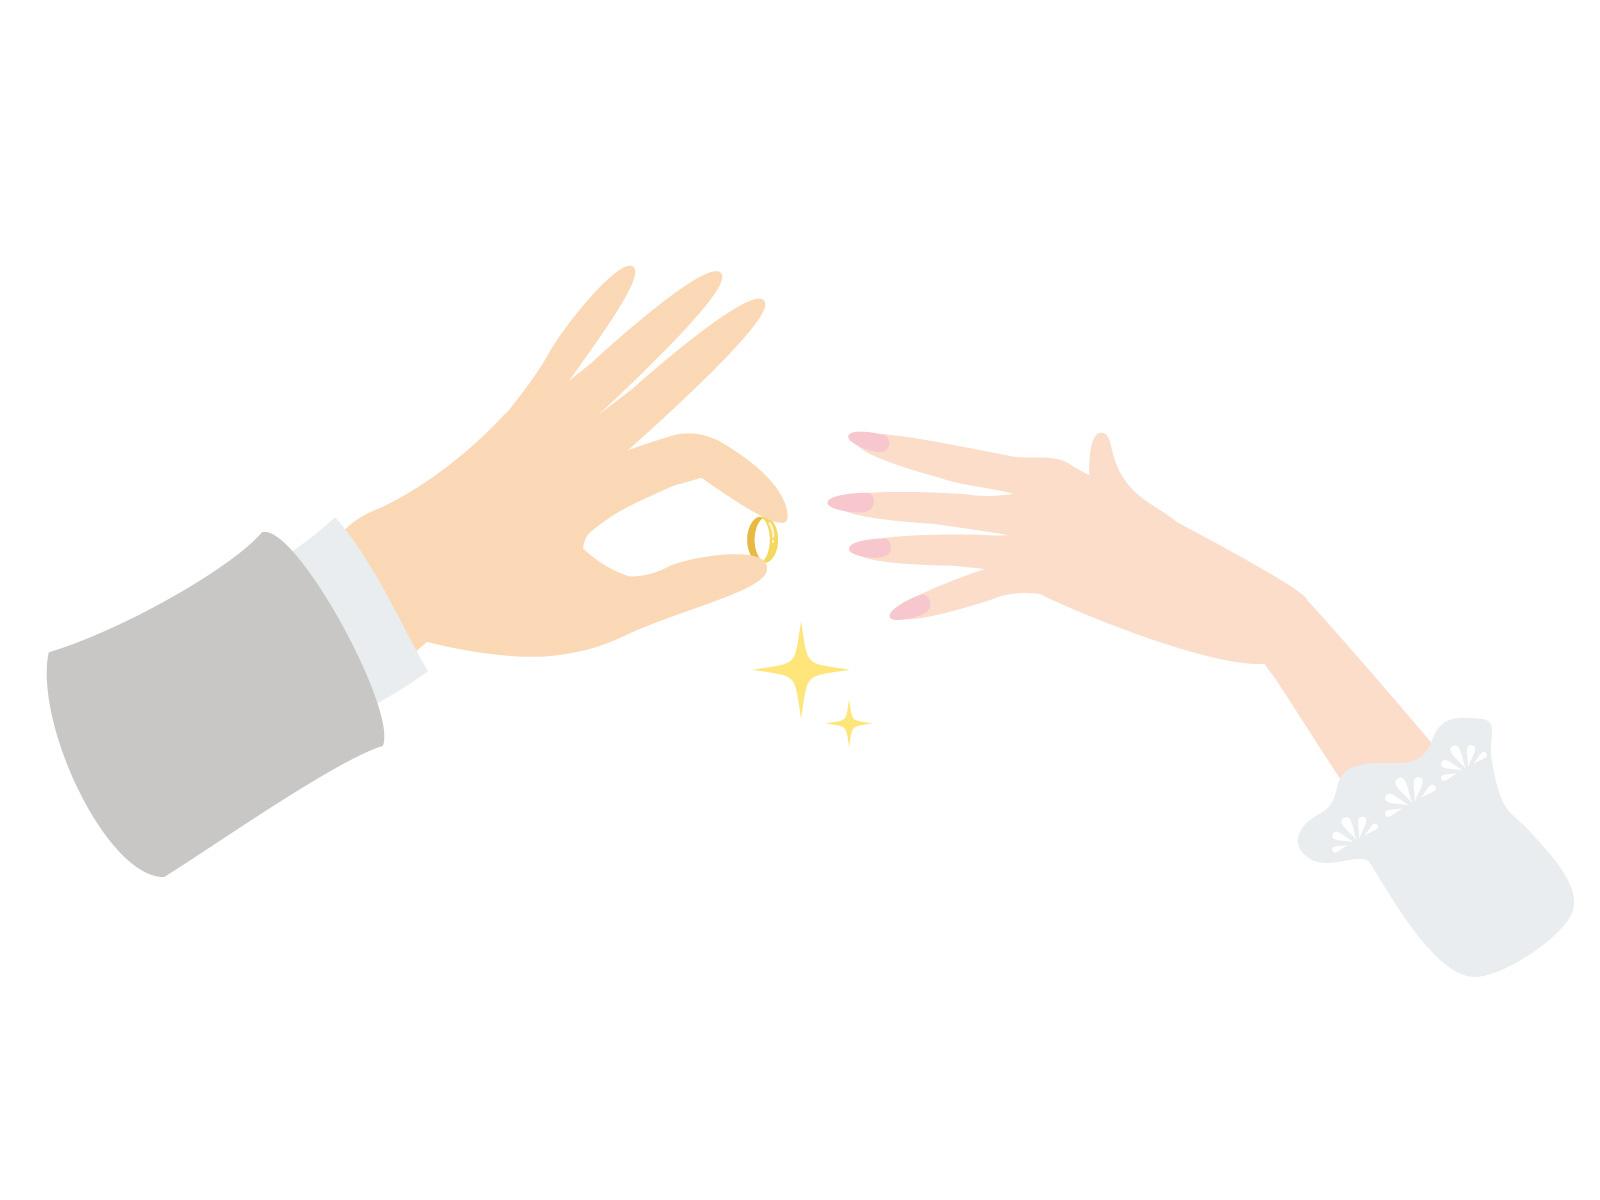 既婚か未婚かを見分けるには相手の行動・会話を観察しよう!